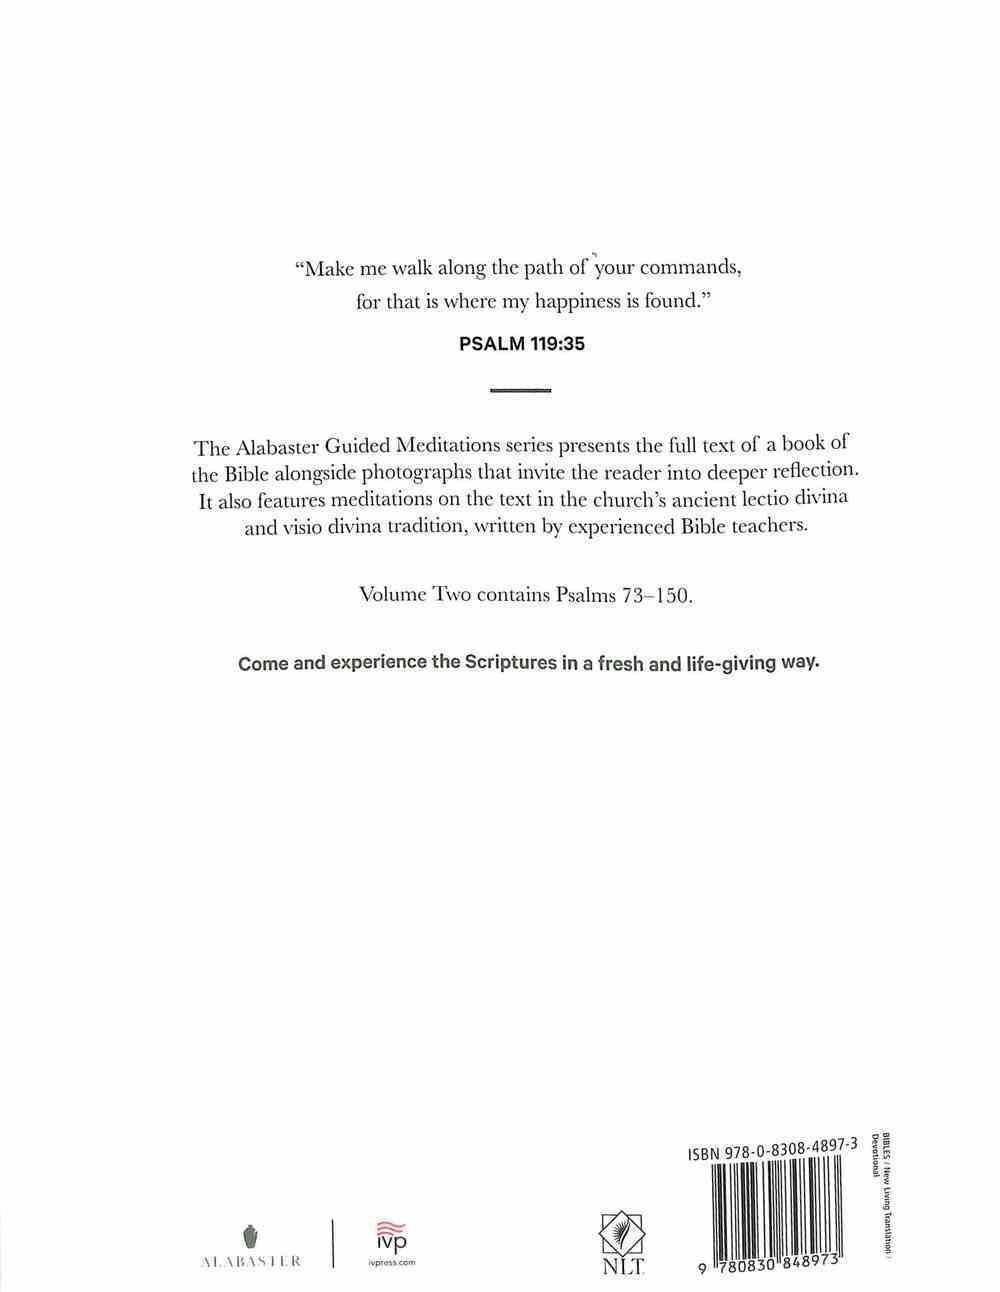 NLT Alabaster Psalms 73-150: Read, Reflect, Respond, Rest (Alabaster Guided Meditations Series) Paperback